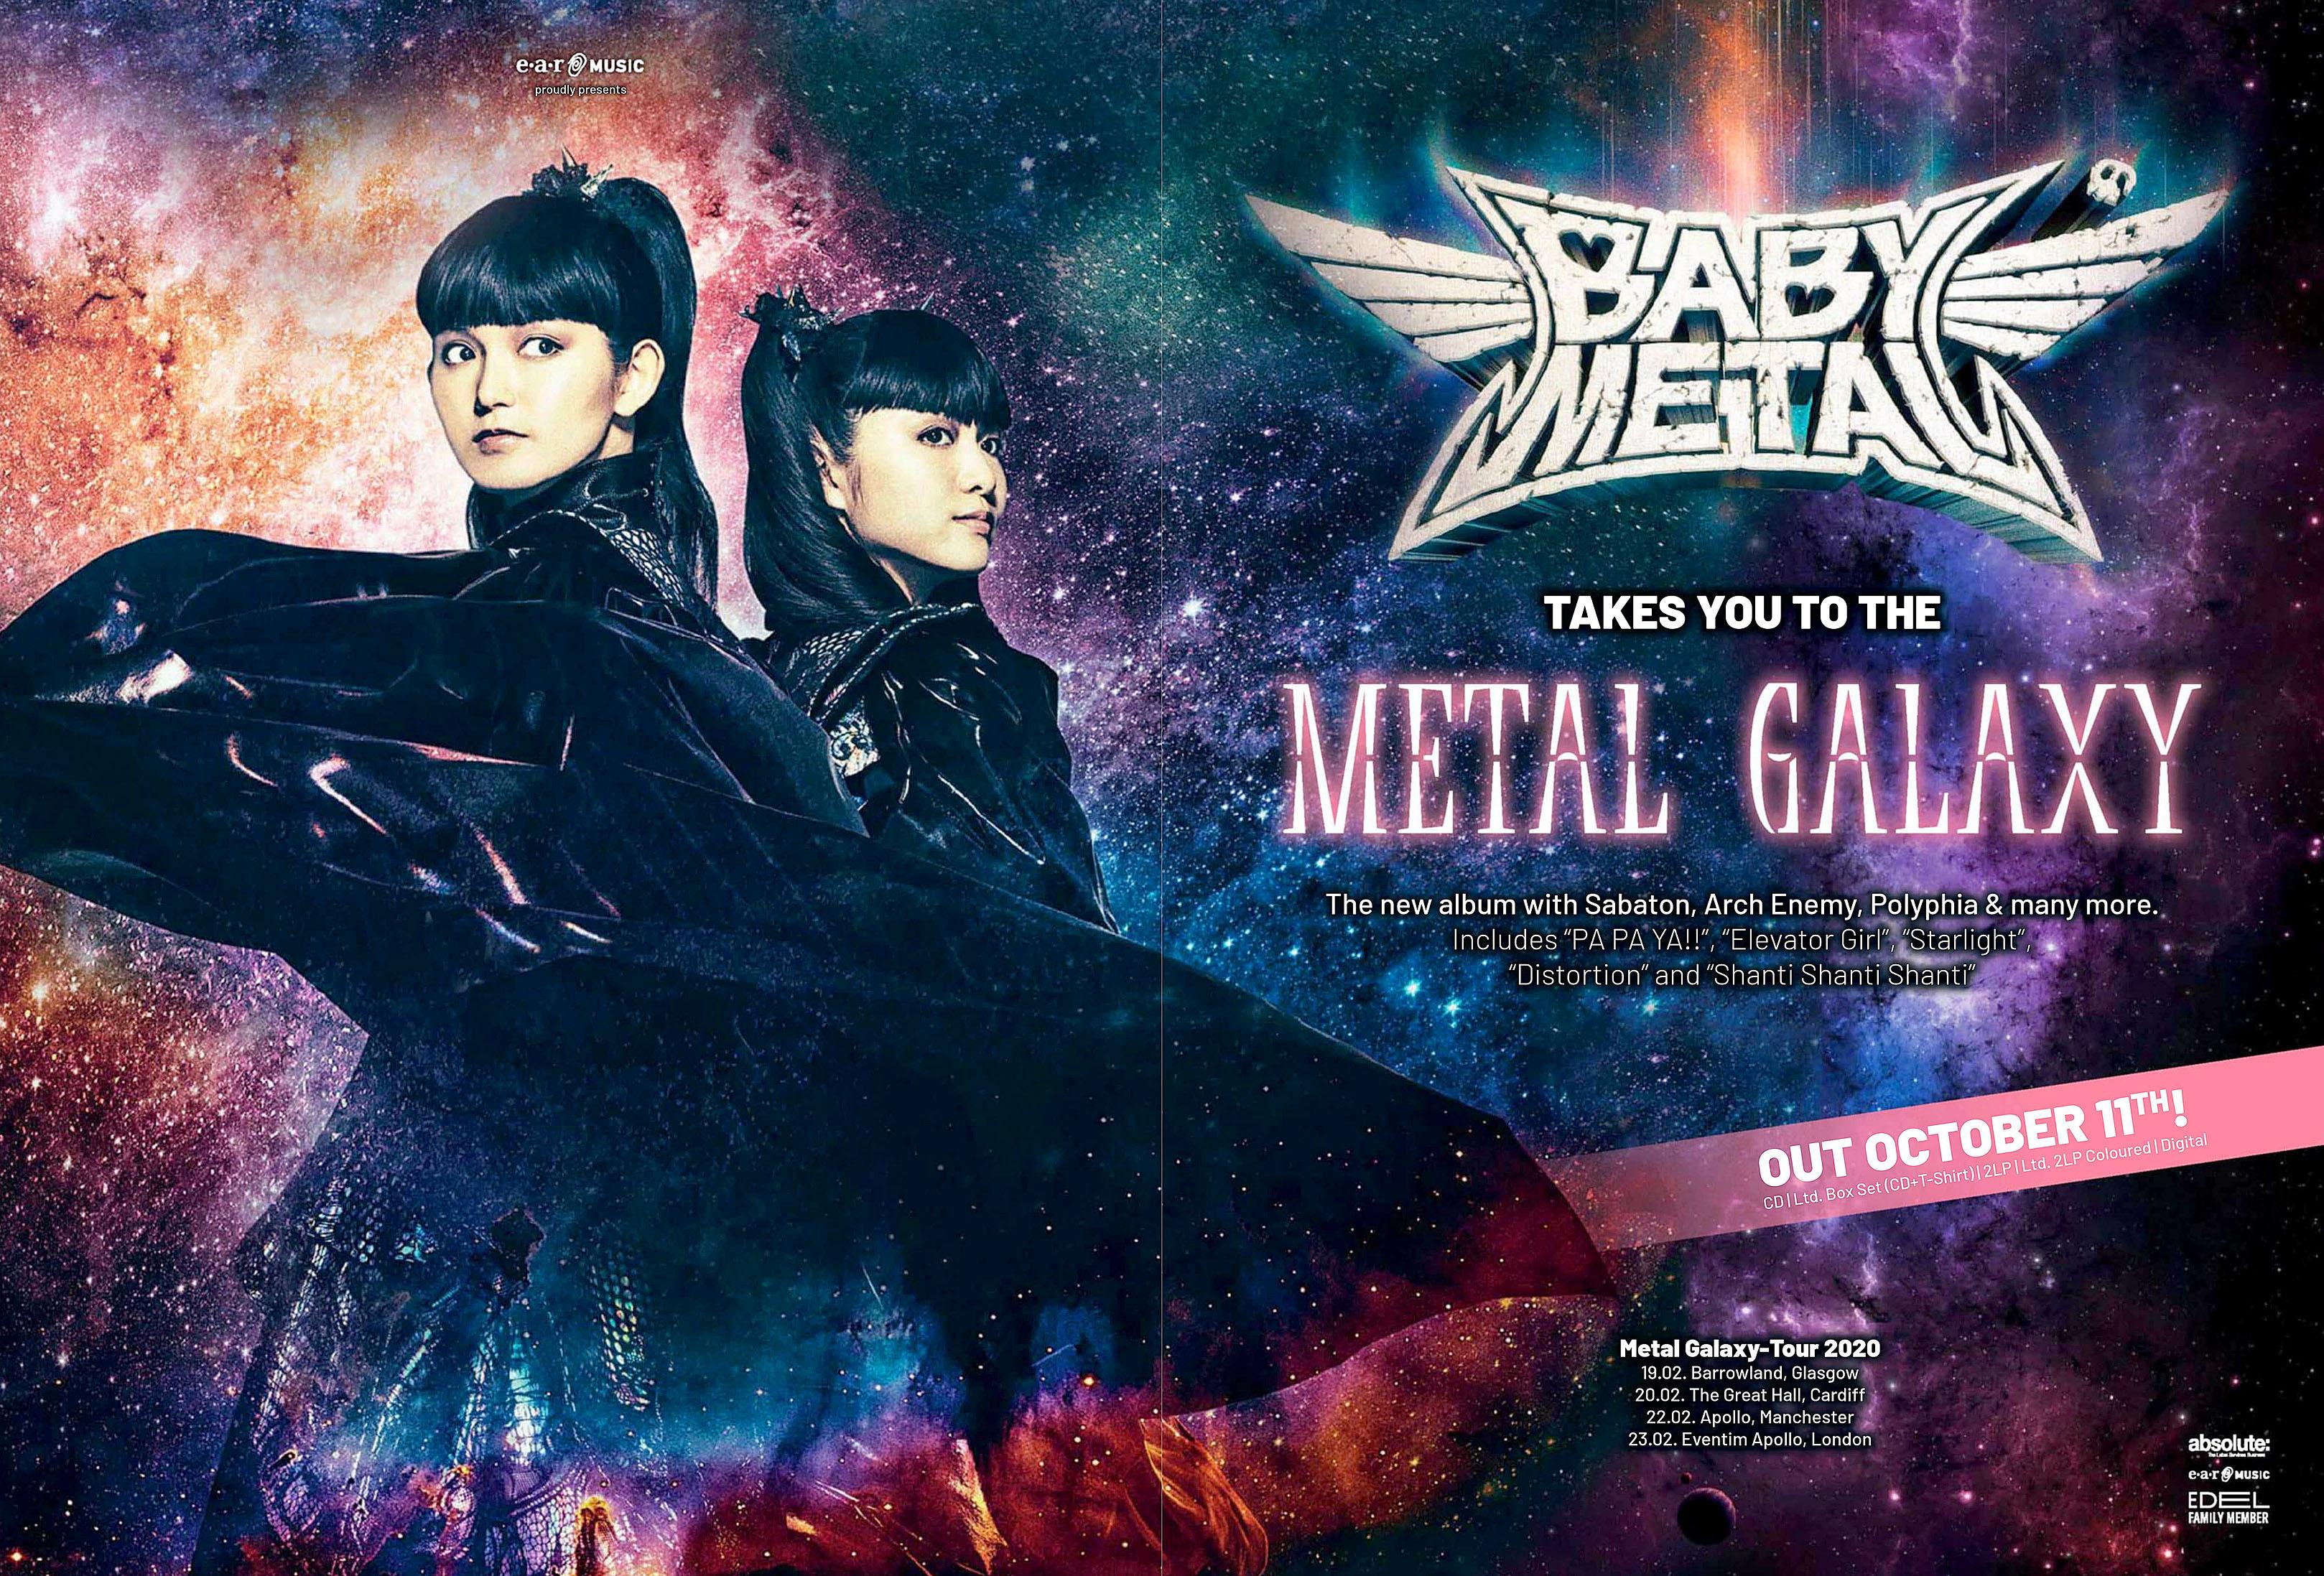 Kerrang 2019-10-12 Babymetal 02.jpg